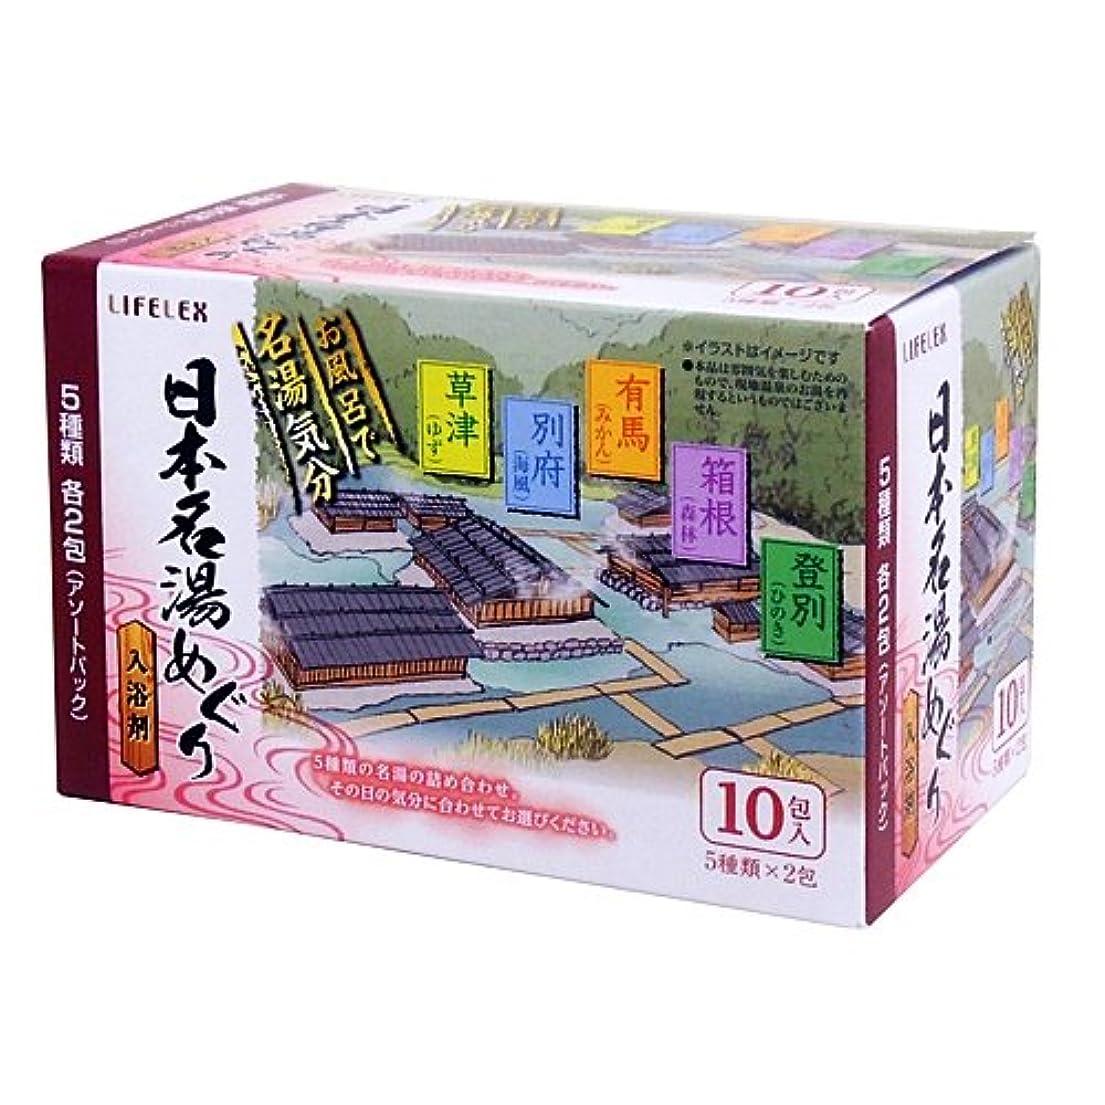 連邦不機嫌そうな条件付きコーナンオリジナル 日本名湯めぐり 25g×10包 KOT15ー9118